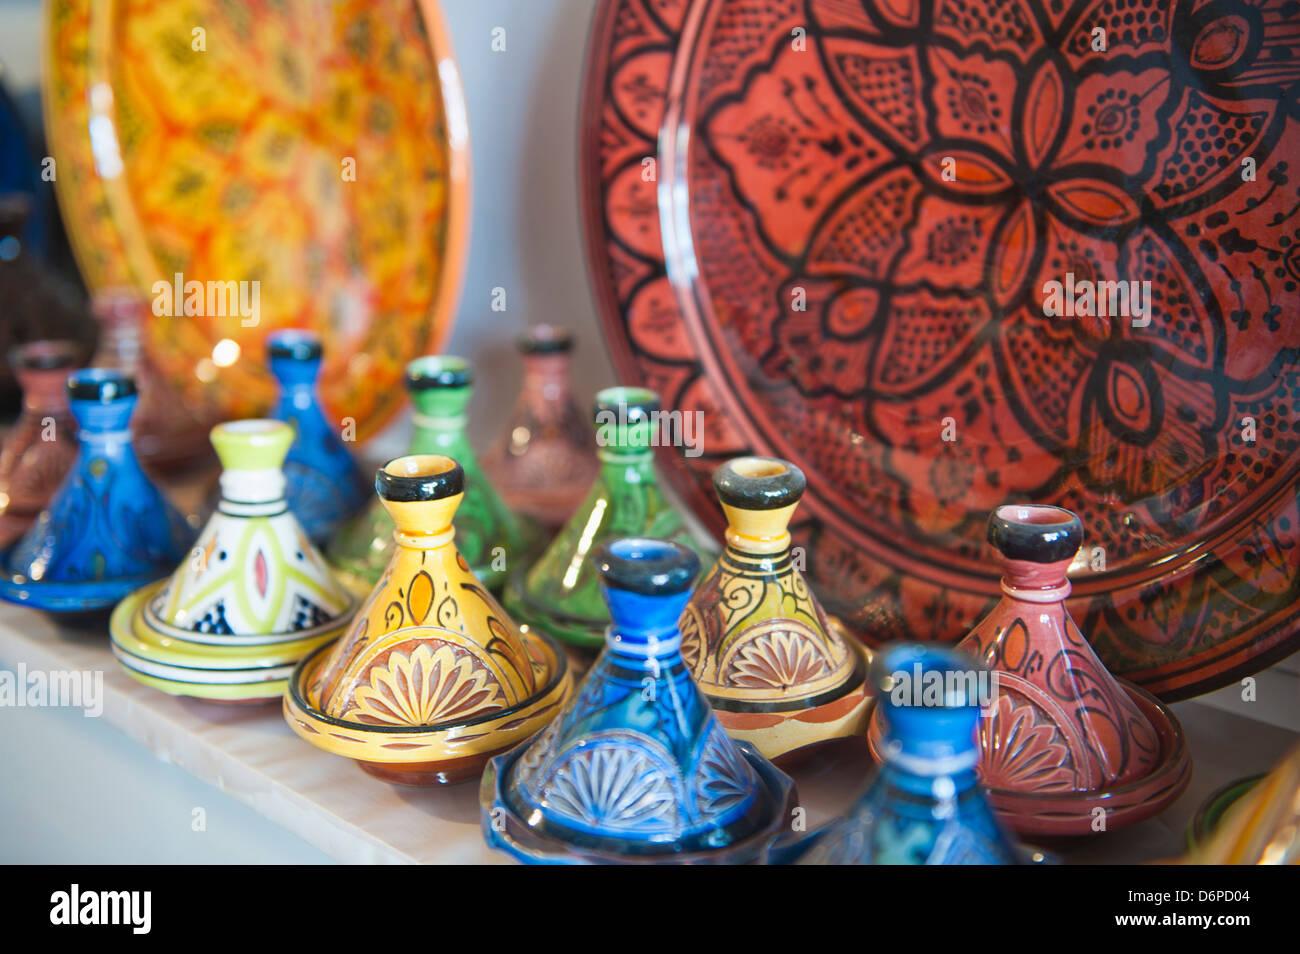 La ceramica per la vendita, Essaouira, precedentemente nota come Mogador, Marocco, Africa Settentrionale, Africa Immagini Stock